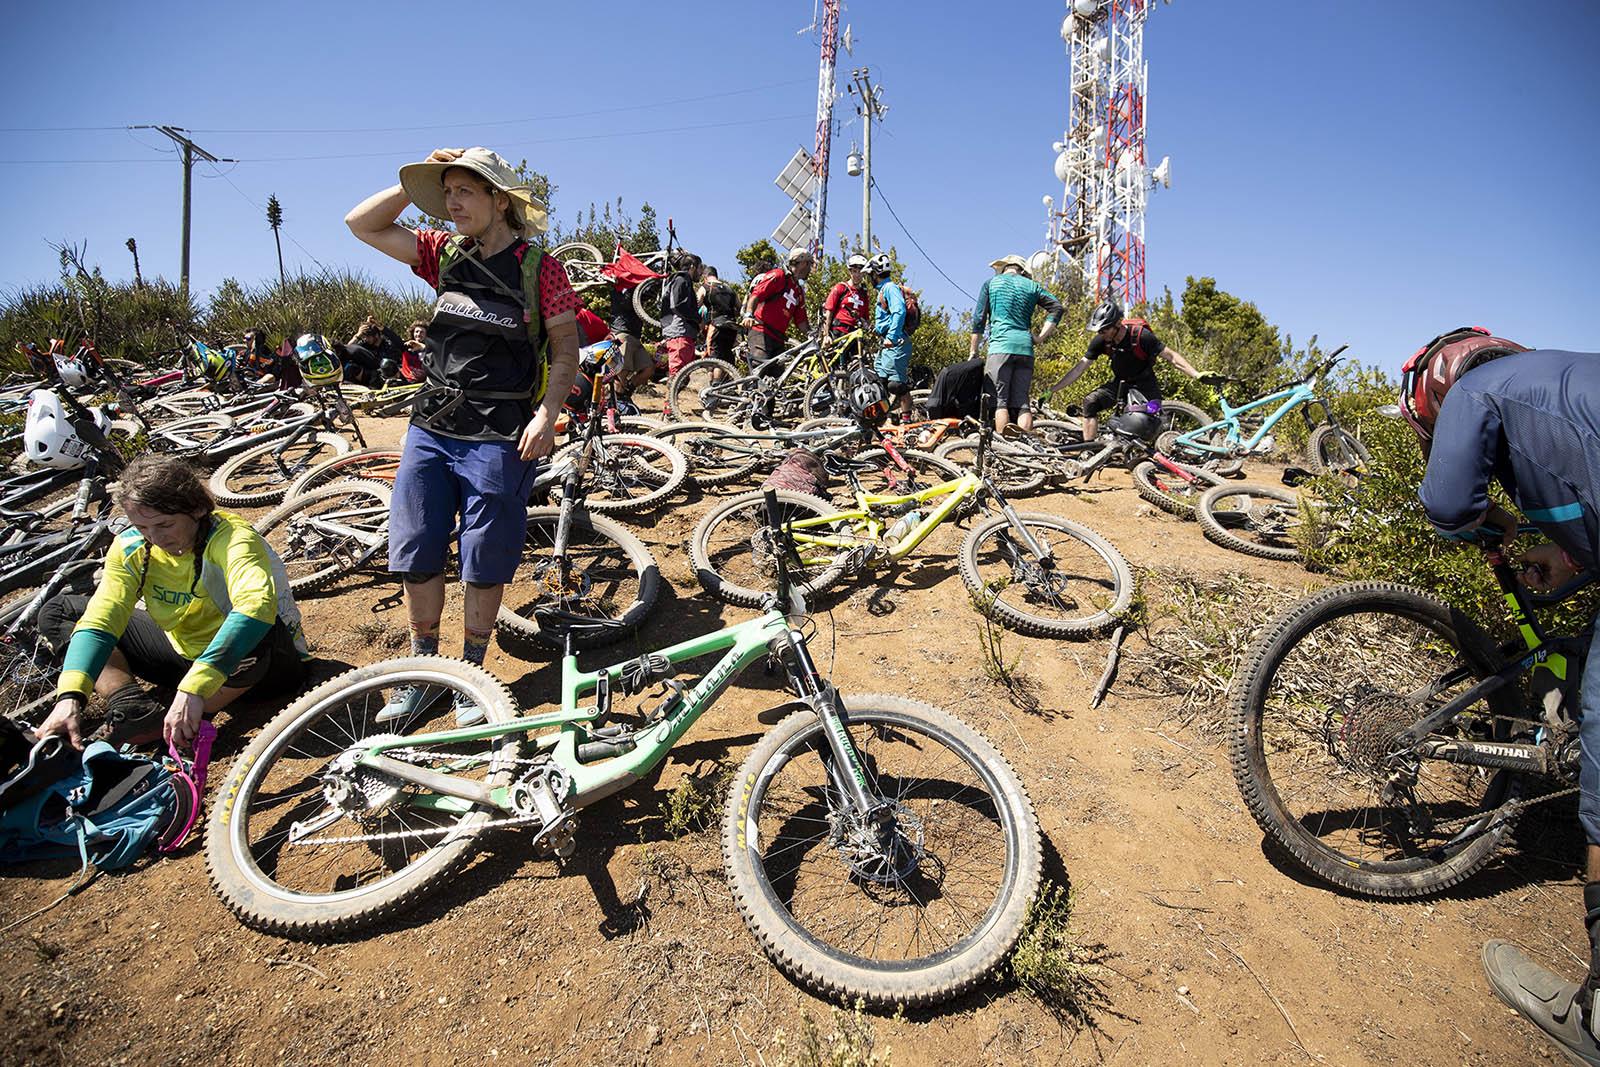 Santa Cruz Bicycles - Andes Pacifico 2019